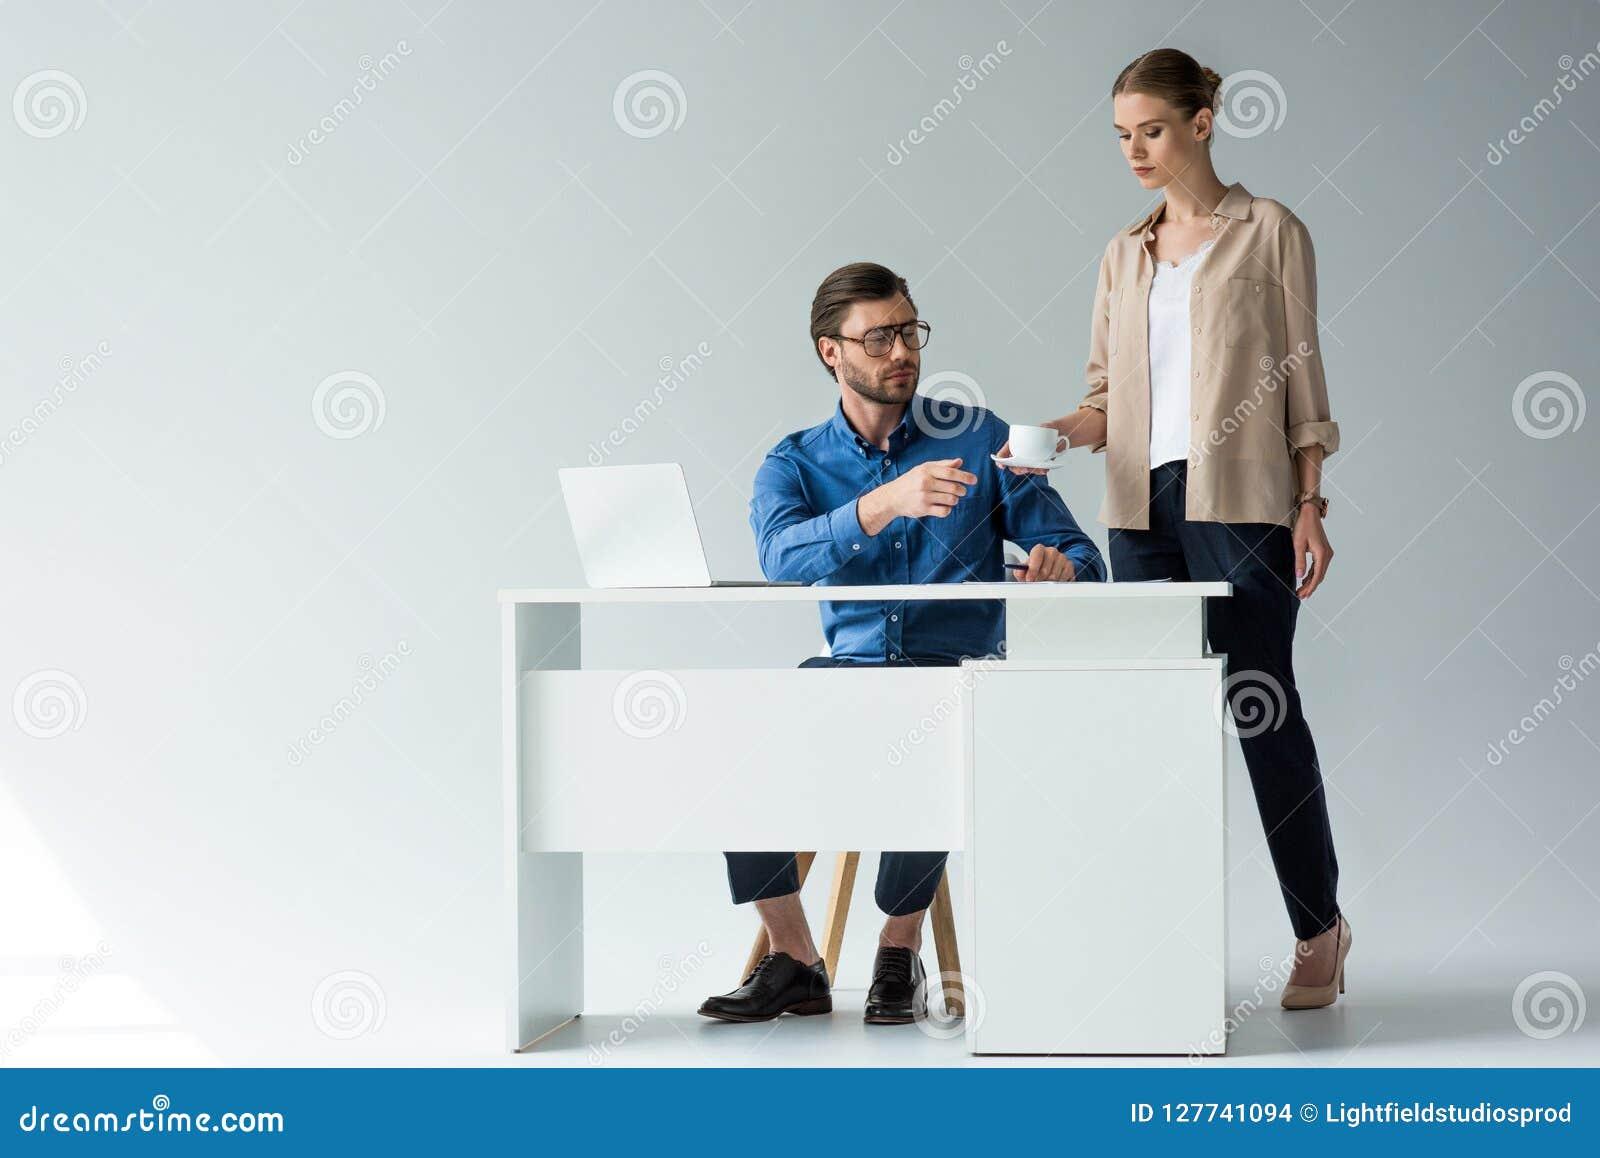 привлекательная молодая секретарша проходя чашку кофе для того чтобы хозяйничать